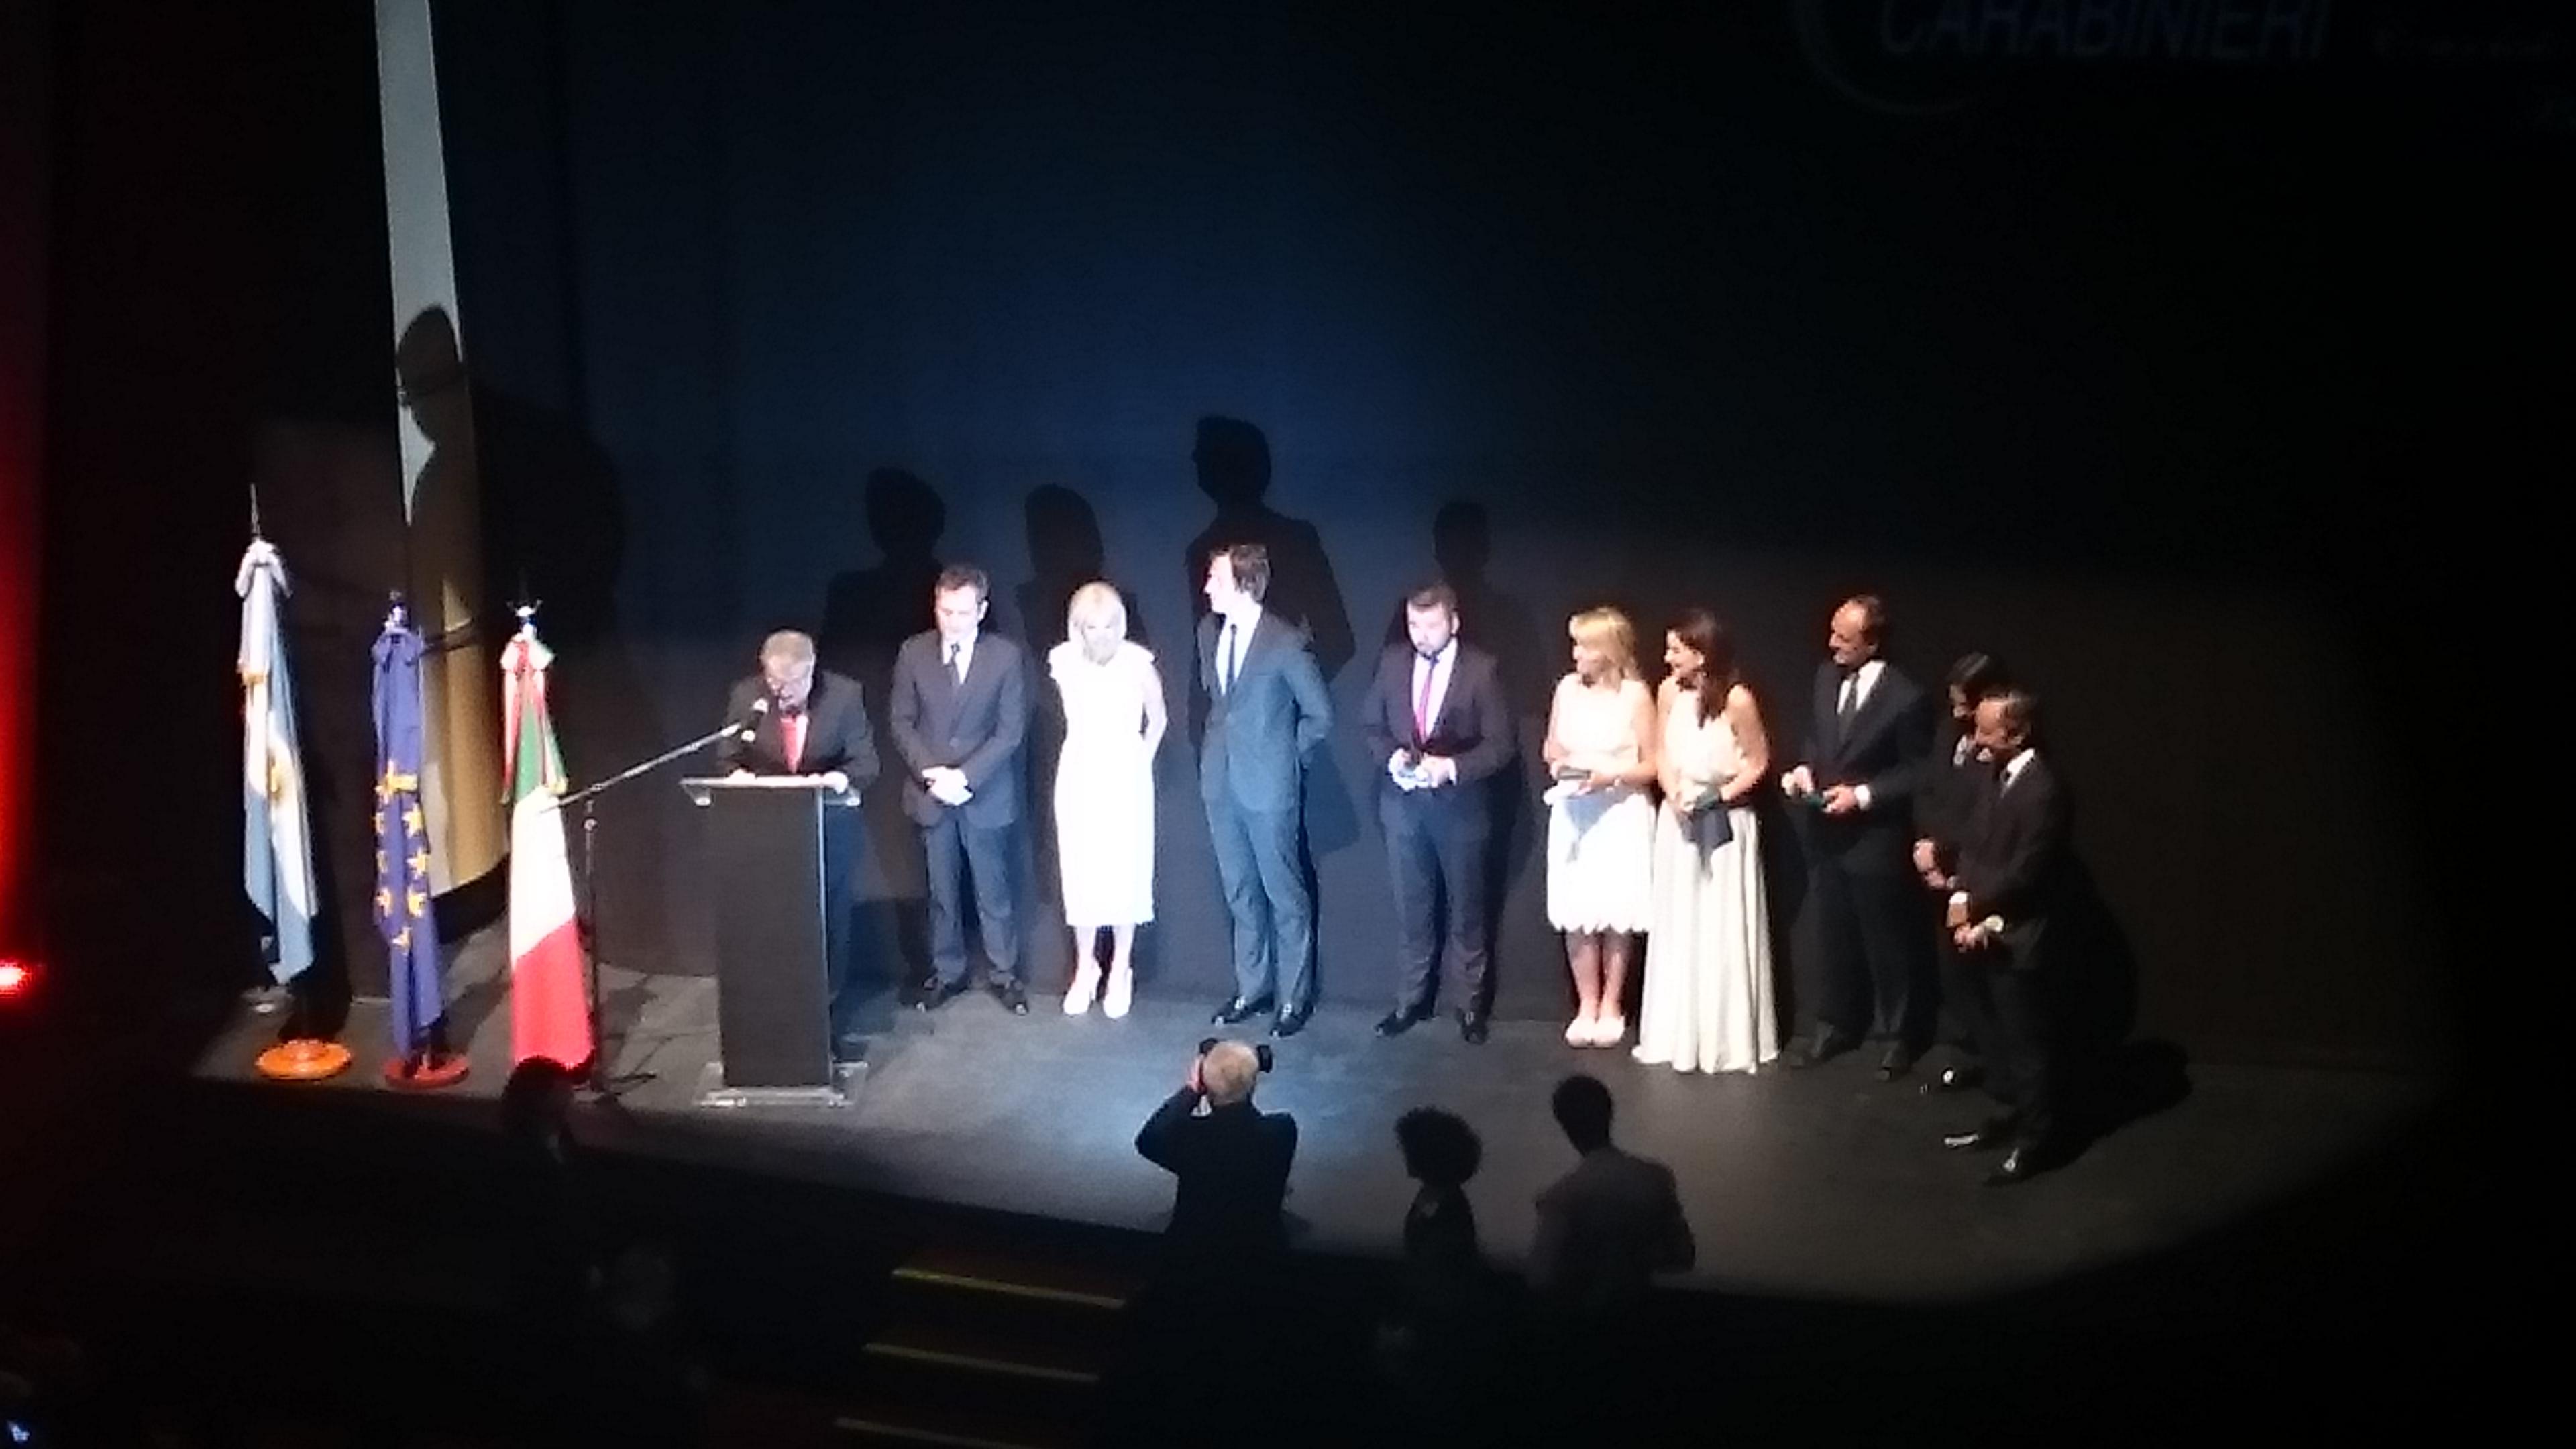 La ambasciatrice teresa Castaldo assieme ai premiati con l'Ordine della Stella d'Italia.